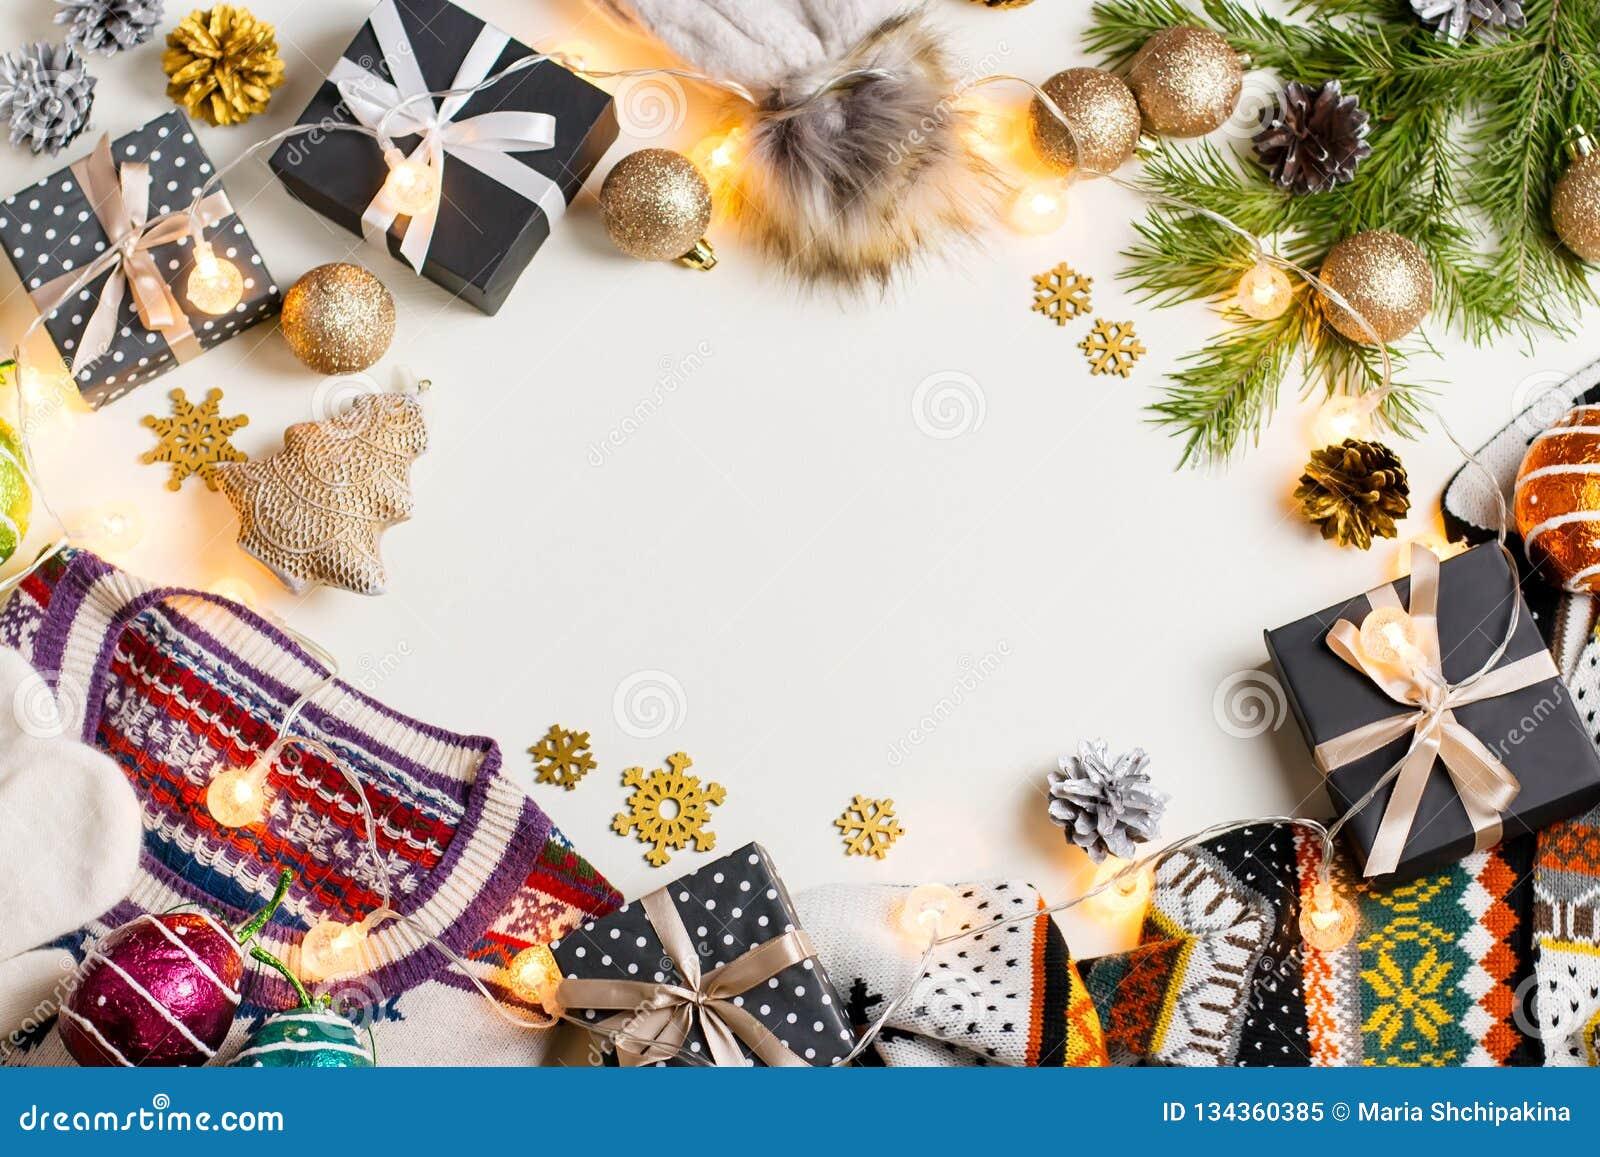 Η σύνθεση διάθεσης Χριστουγέννων με το πουλόβερ Χριστουγέννων, καπέλο, παρουσιάζει και ανάβει Το επίπεδο χειμερινής έννοιας βάζει